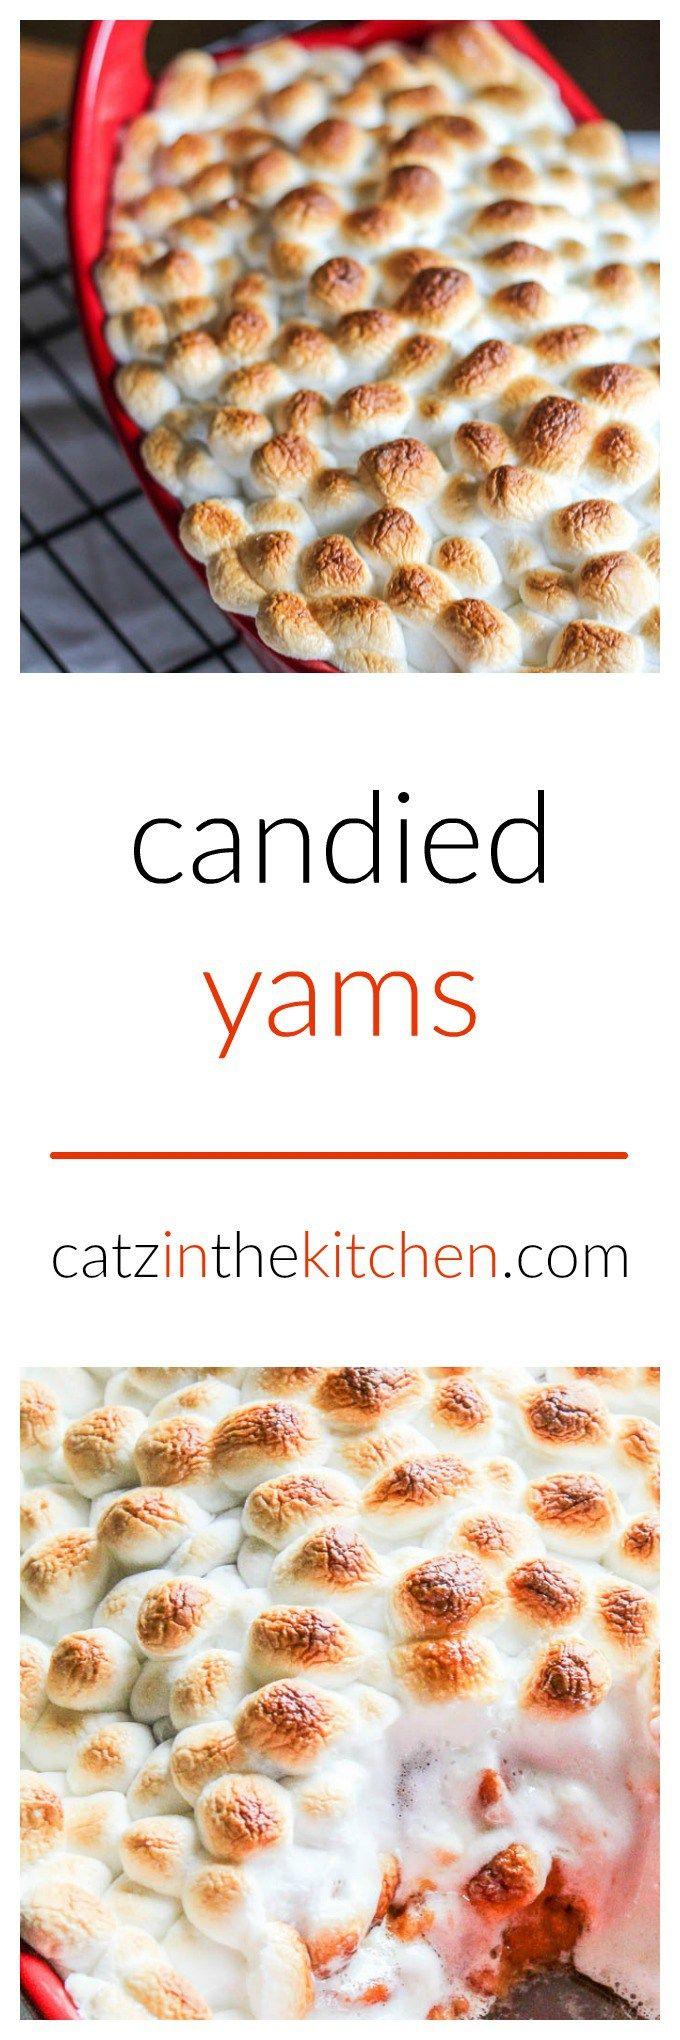 Candied yams   catzinthekitchen.com